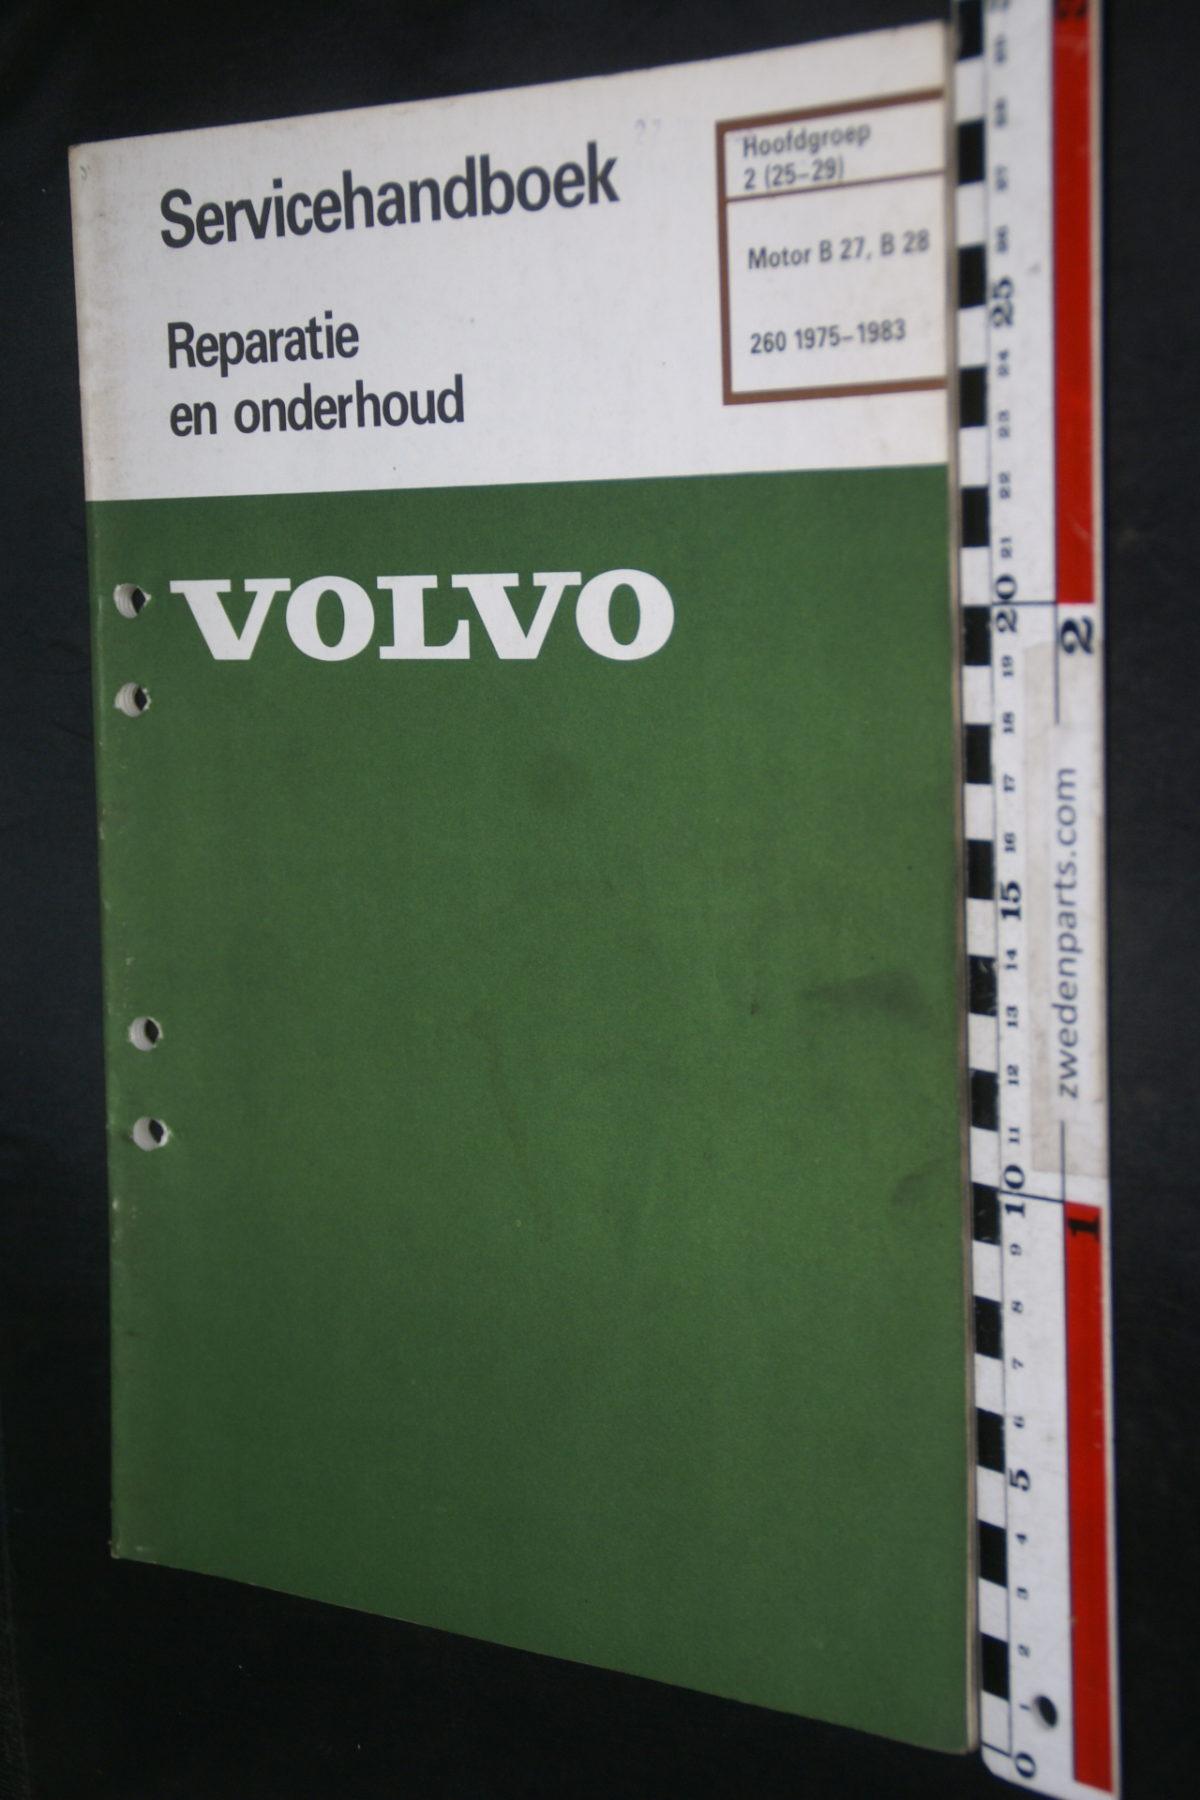 DSC08469 1983 origineel Volvo 260 servicehandboek  2 (25-29) motor B27, B28 1 van 800 TP 30565-1